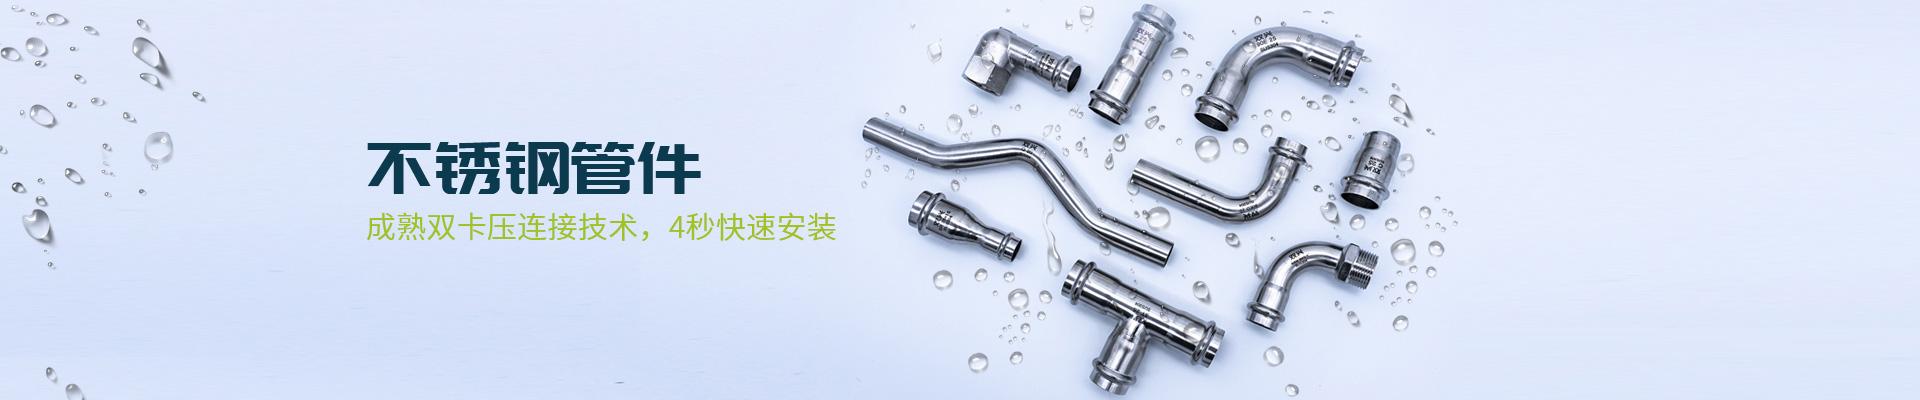 双兴-不锈钢管件